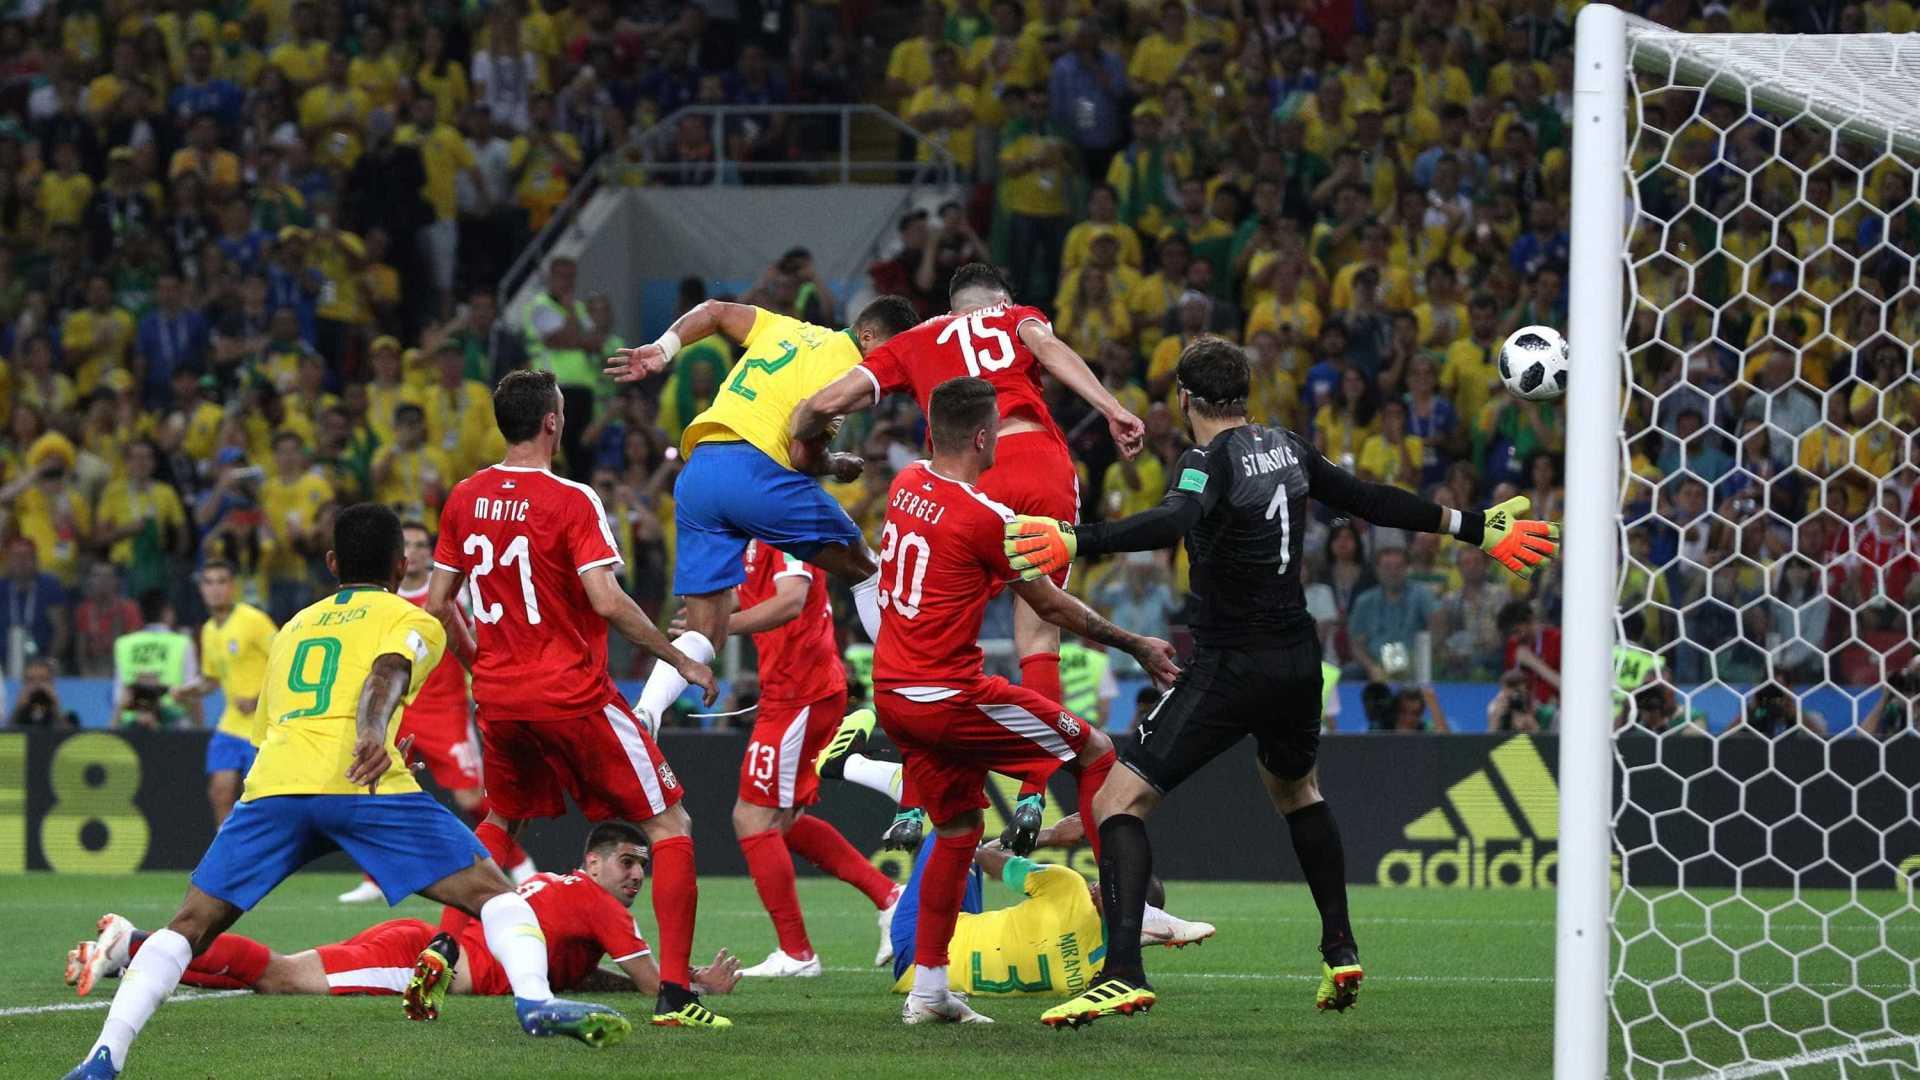 naom 5b33e74d9c041 - De cabeça, Thiago Silva amplia para o Brasil e faz 2 a 0